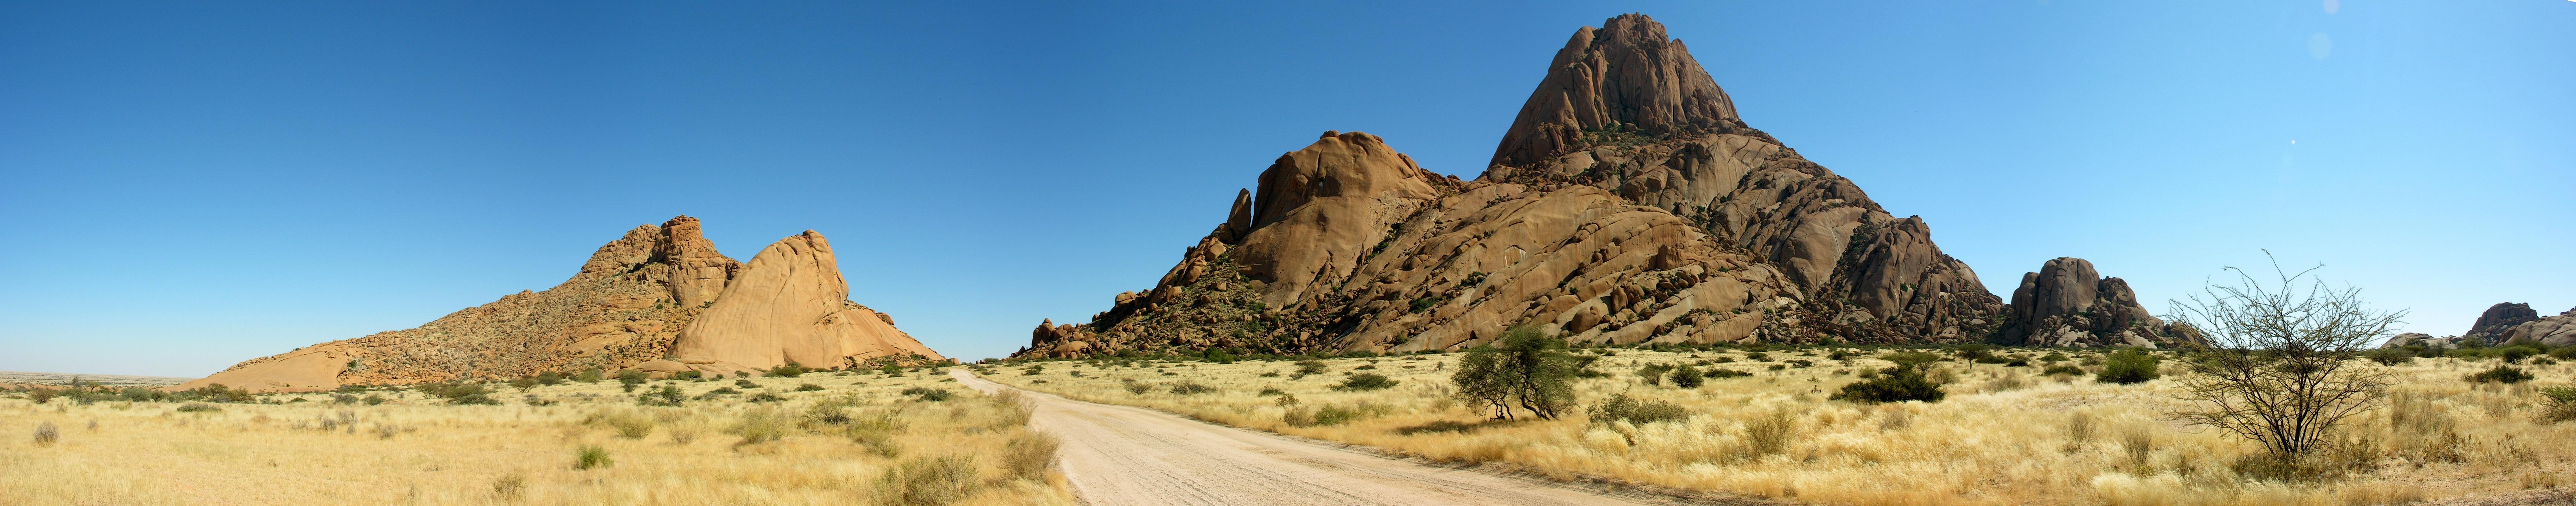 горы песок растительность небо  № 3770983 бесплатно